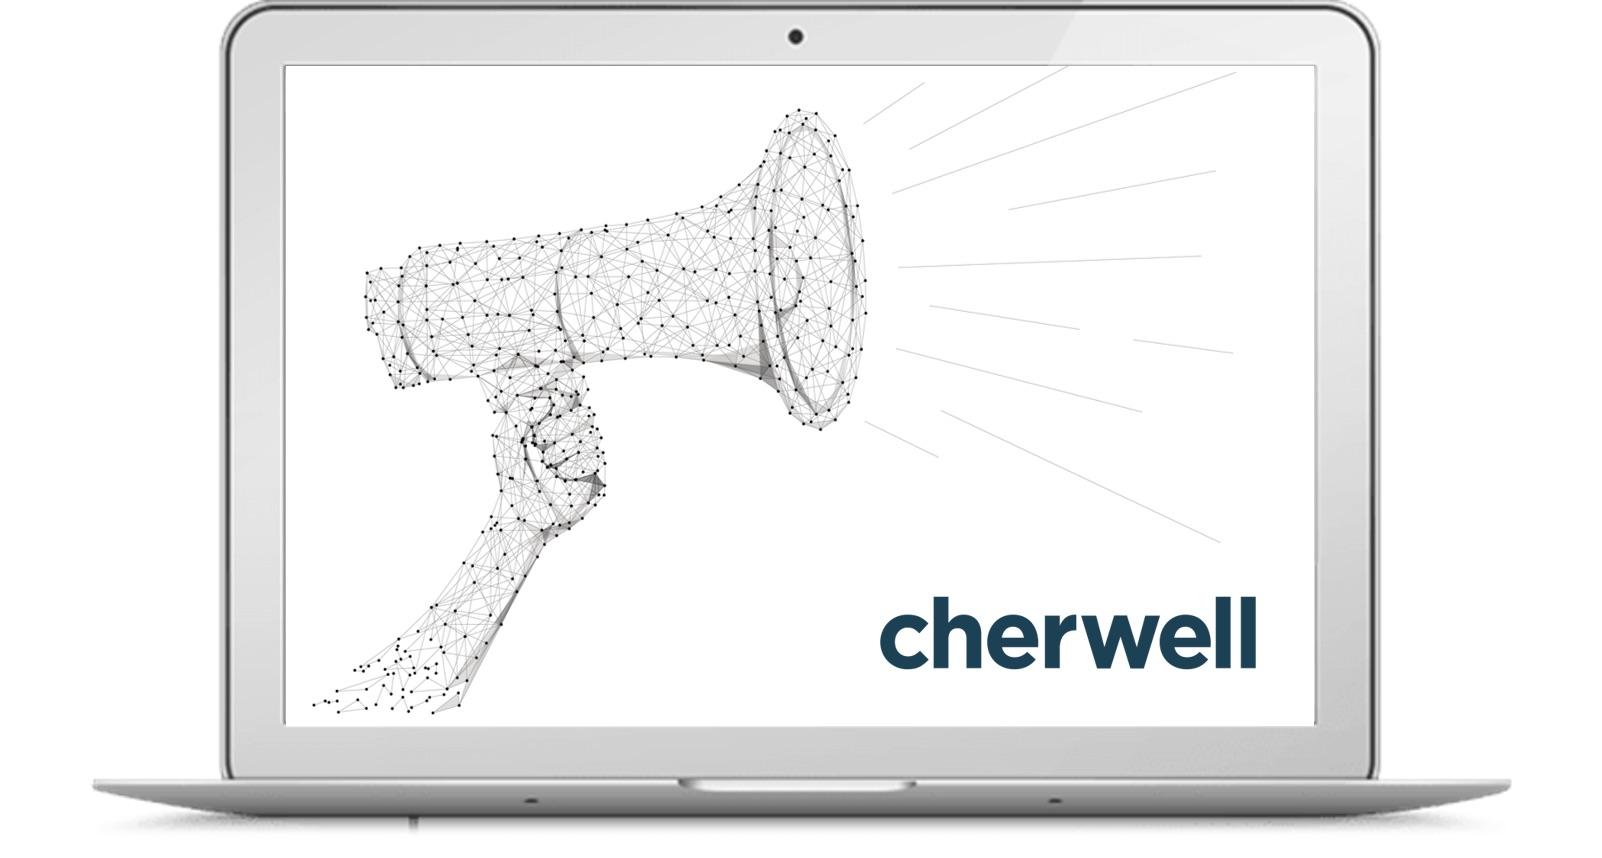 Prevolution veröffentlicht Add-On für Cherwell zur einfachen Nutzerbenachrichtigung